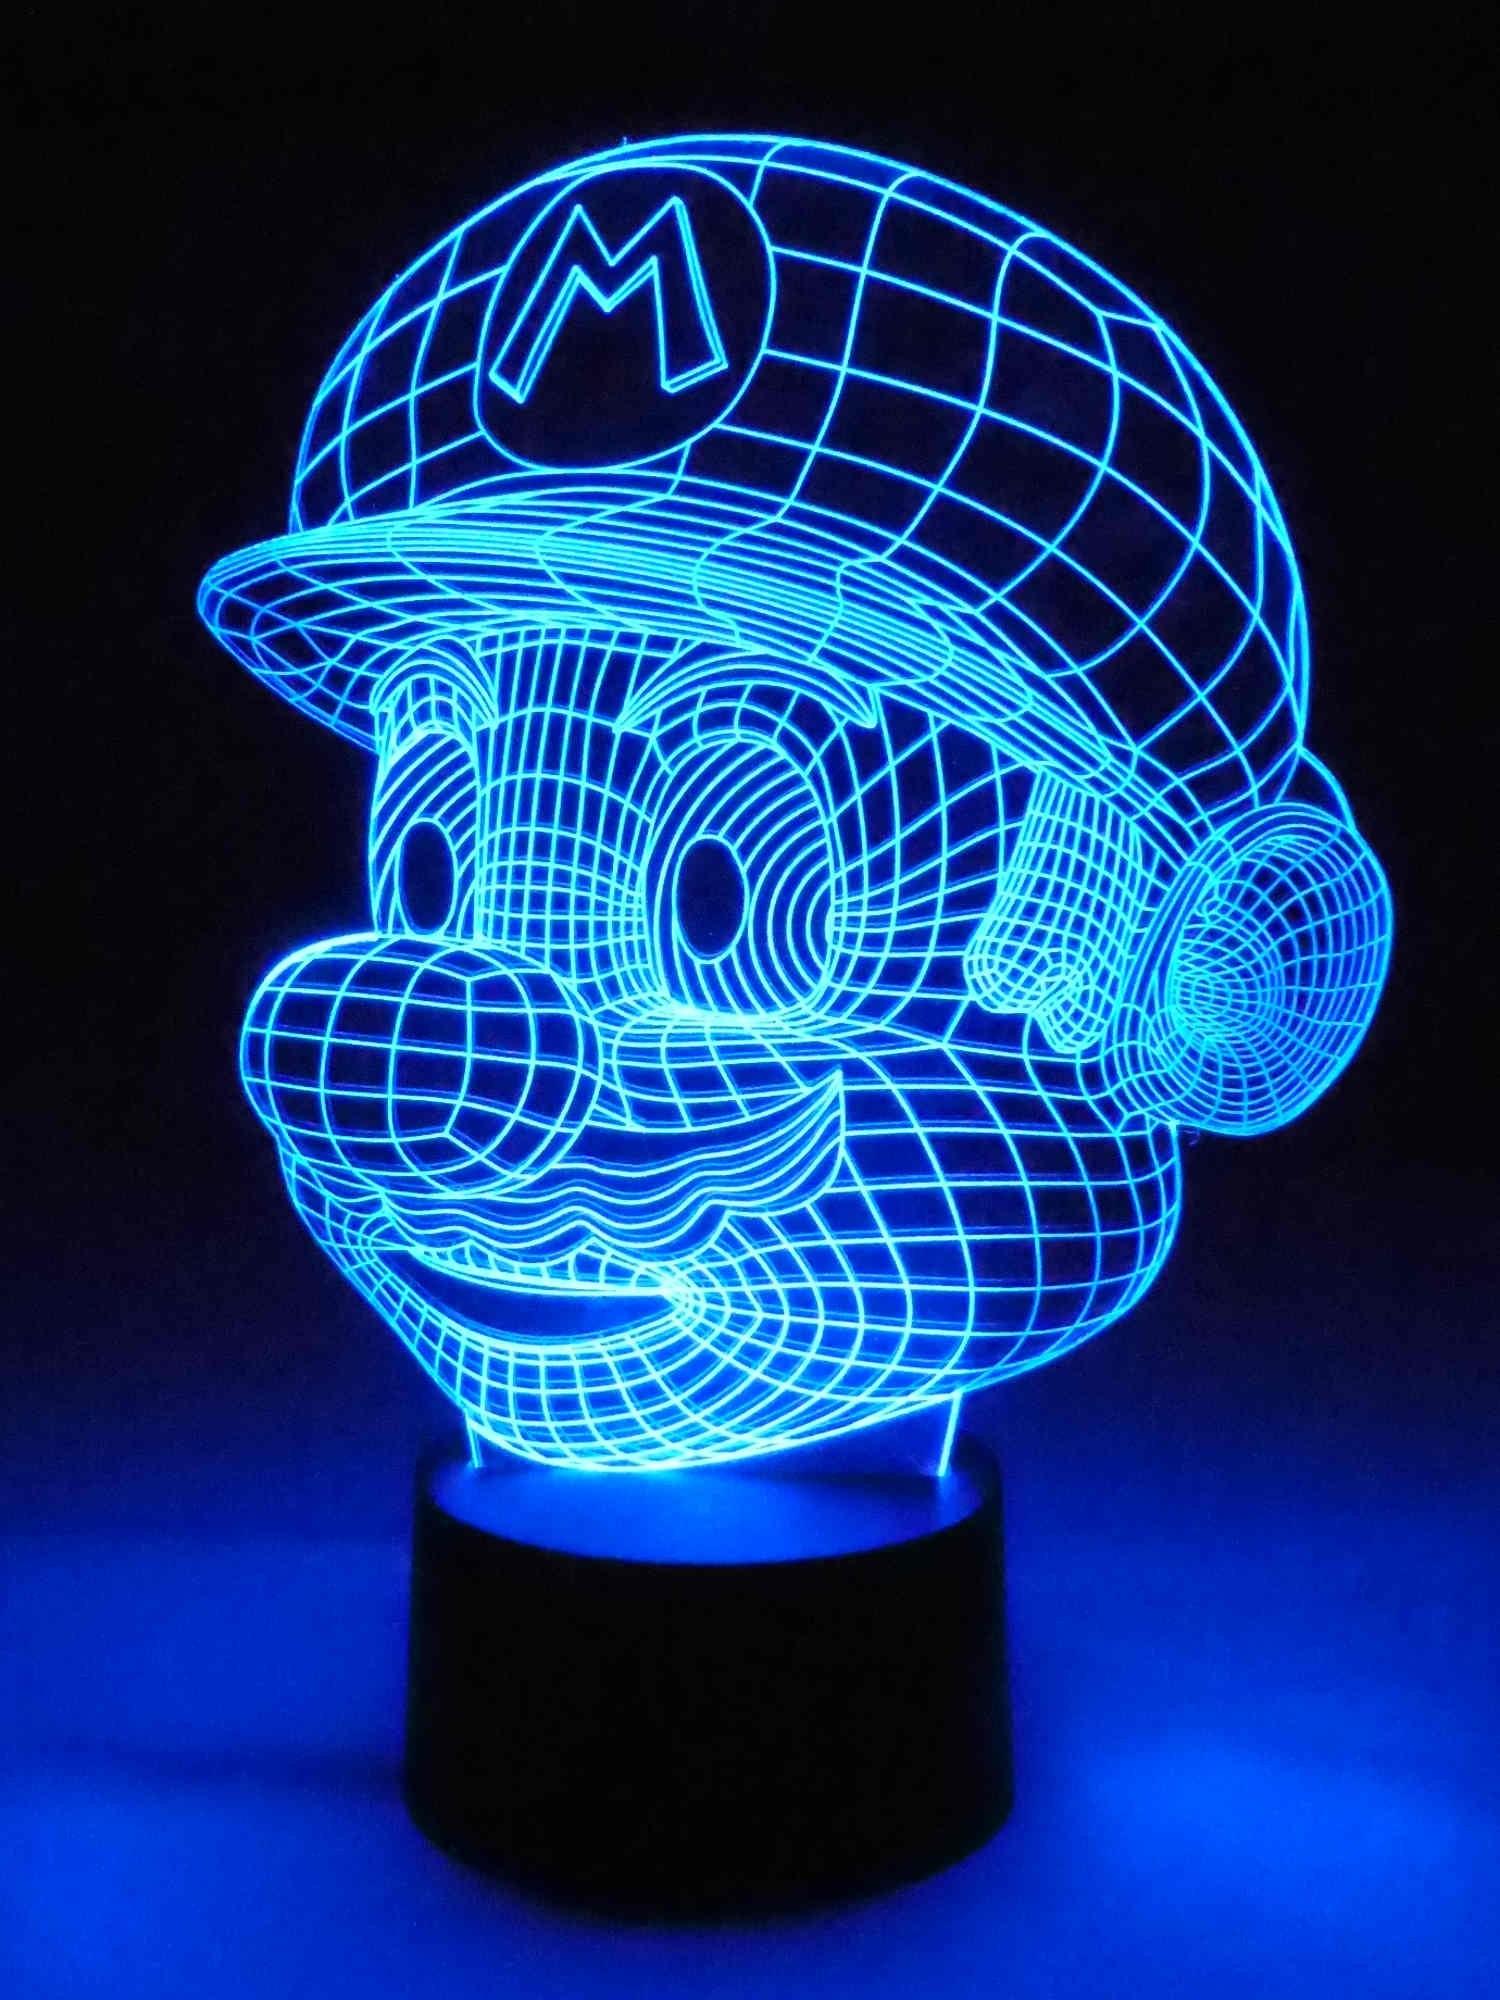 Kinderzimmerlampe Lampe Originelle 3d Rgb Mario Farbwechsellicht Kinderlampen Wohnlicht Gamer Kinderleuchte Motivlampe Led Ifb7Ygv6y